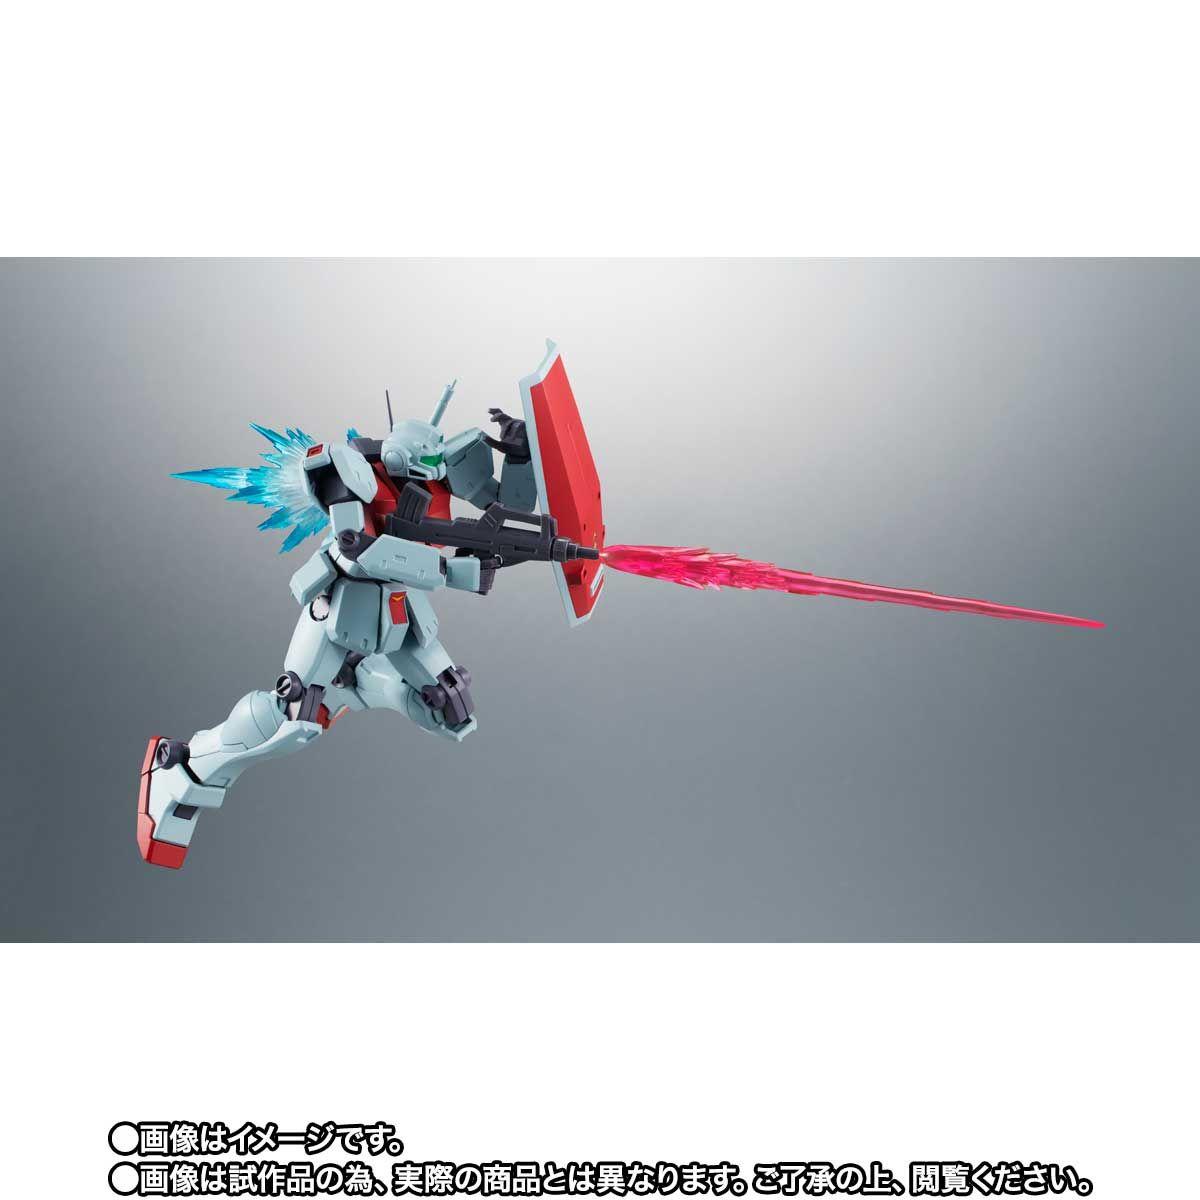 【限定販売】ROBOT魂〈SIDE MS〉『RGM-79C ジム改 宇宙戦仕様 ver. A.N.I.M.E.』ガンダム0083 可動フィギュア-006